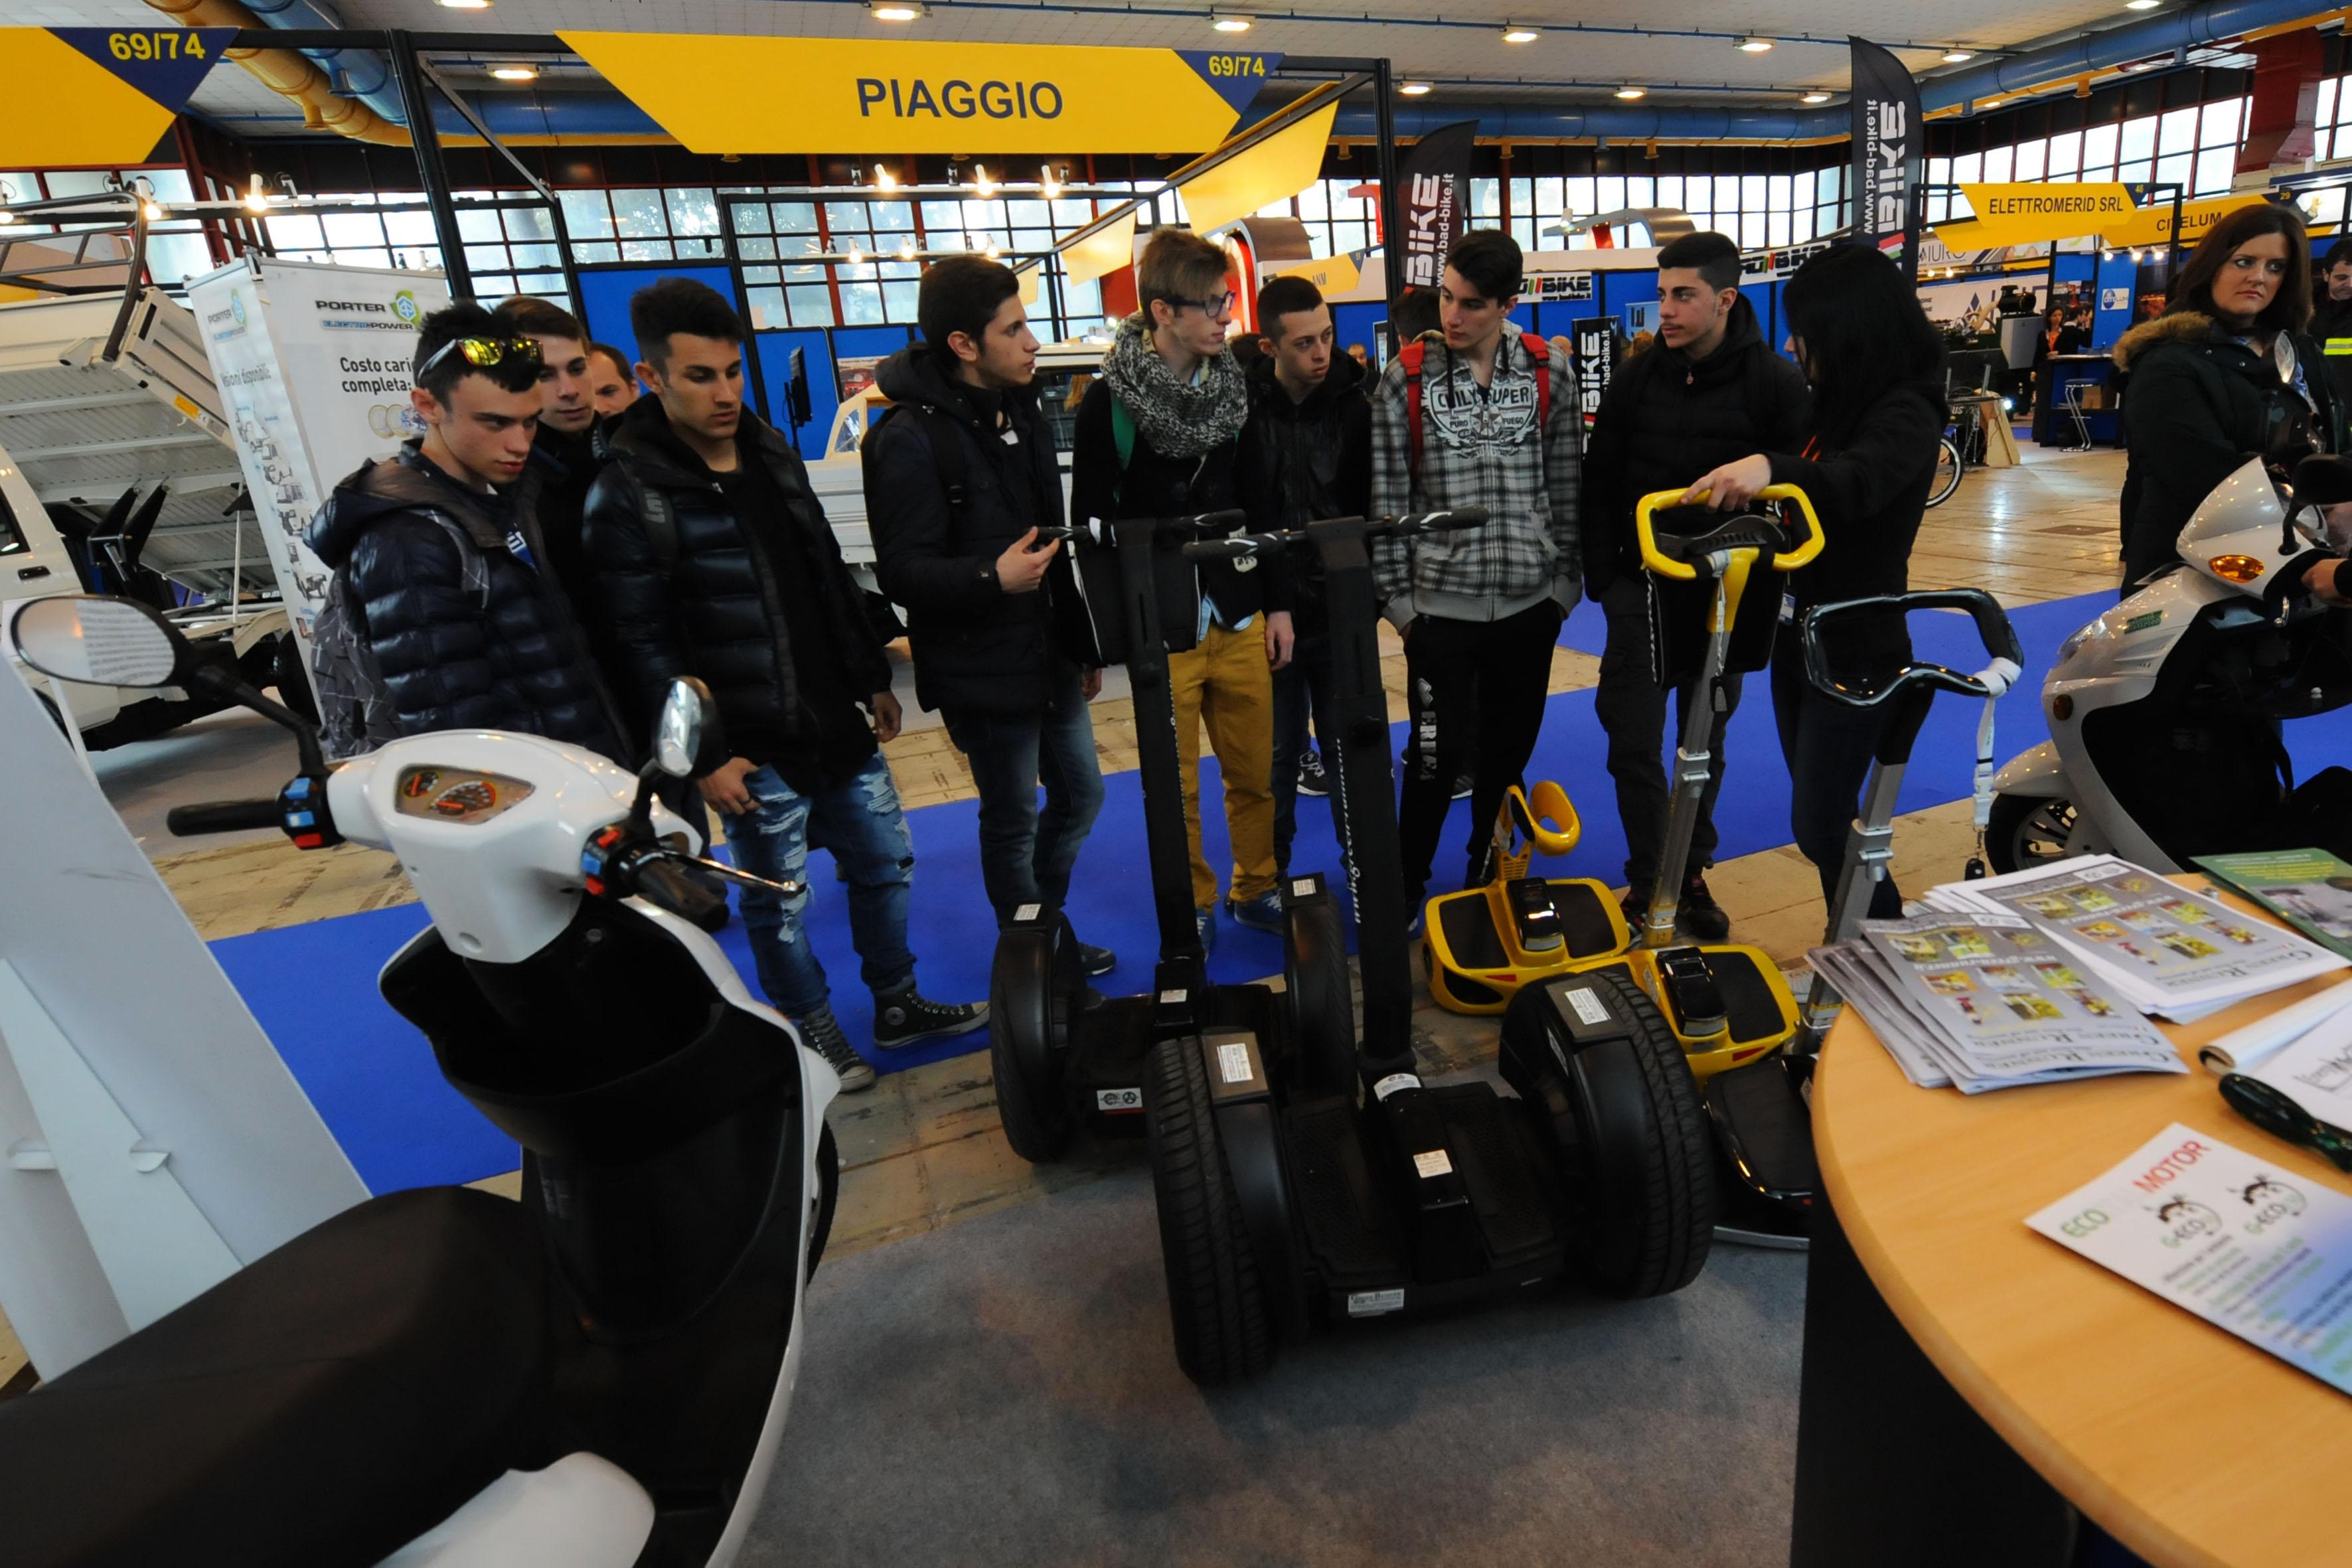 EnergyMed 2015: La mostra convegno candida Napoli quale riferimento della Green Economy